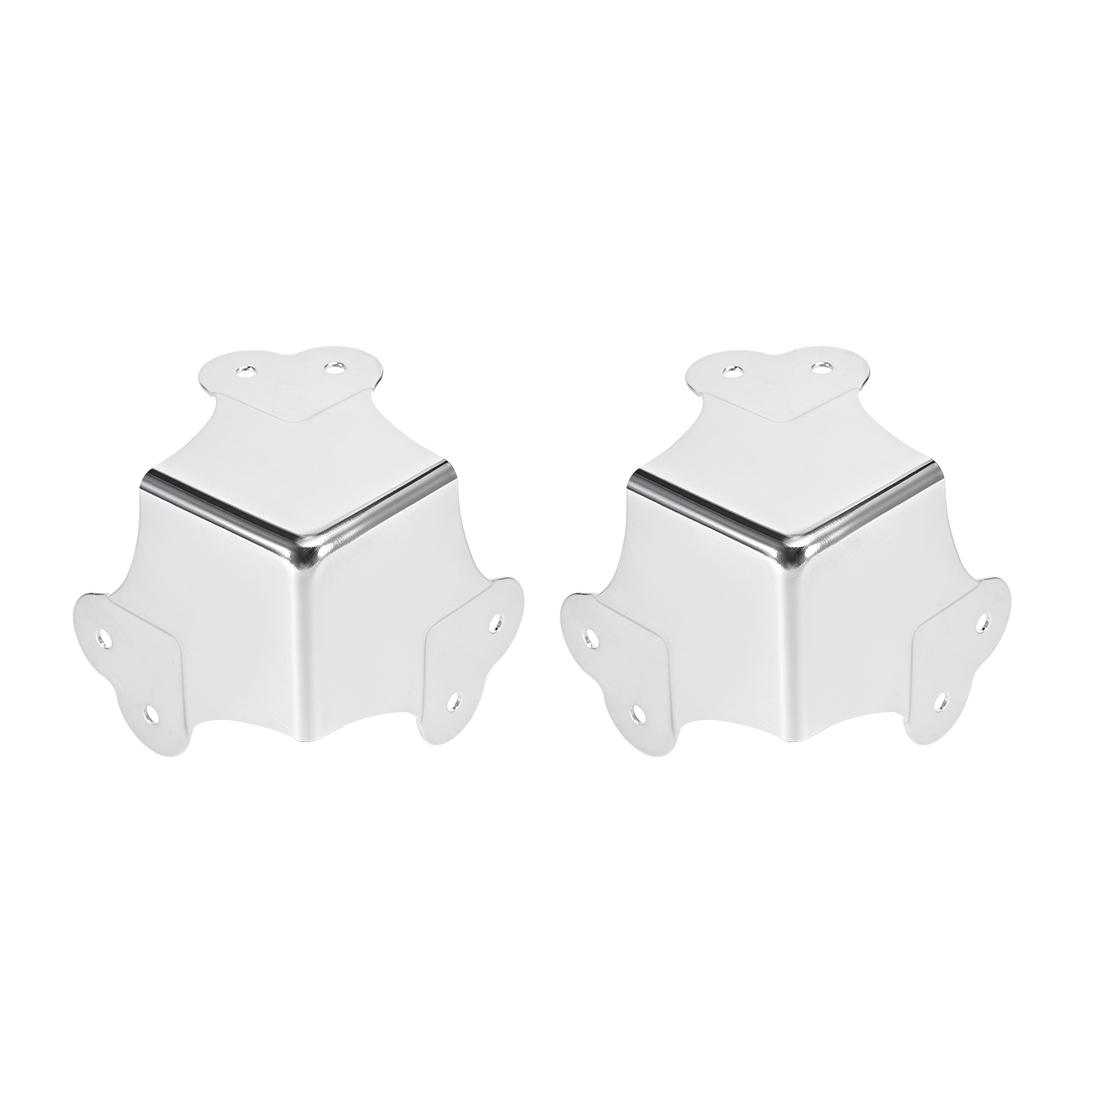 Metal Box Corner Protectors Edge Guard Protector 66.5 x 66.5 x 66.5mm 2pcs